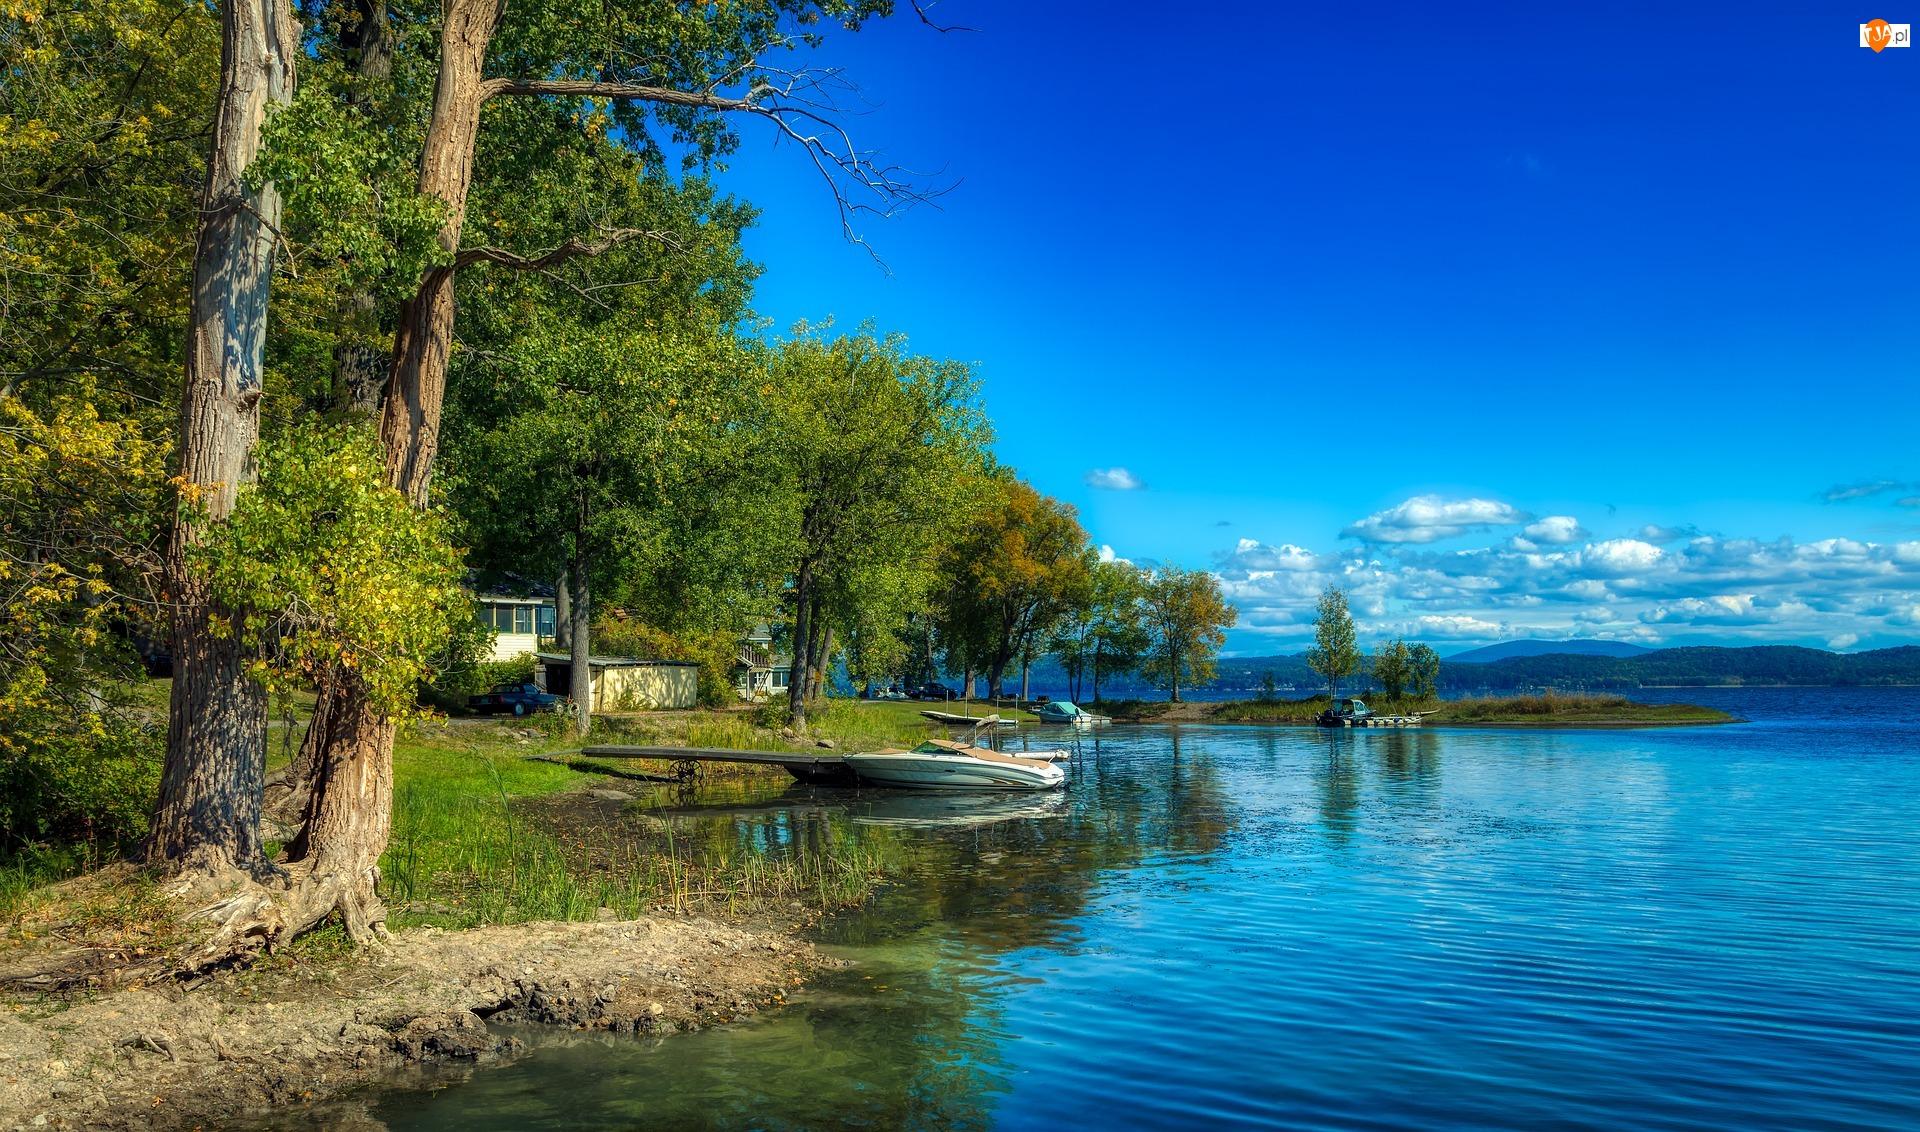 Jezioro, Lato, Drzewa, Niebo, Łódki, Błękitne